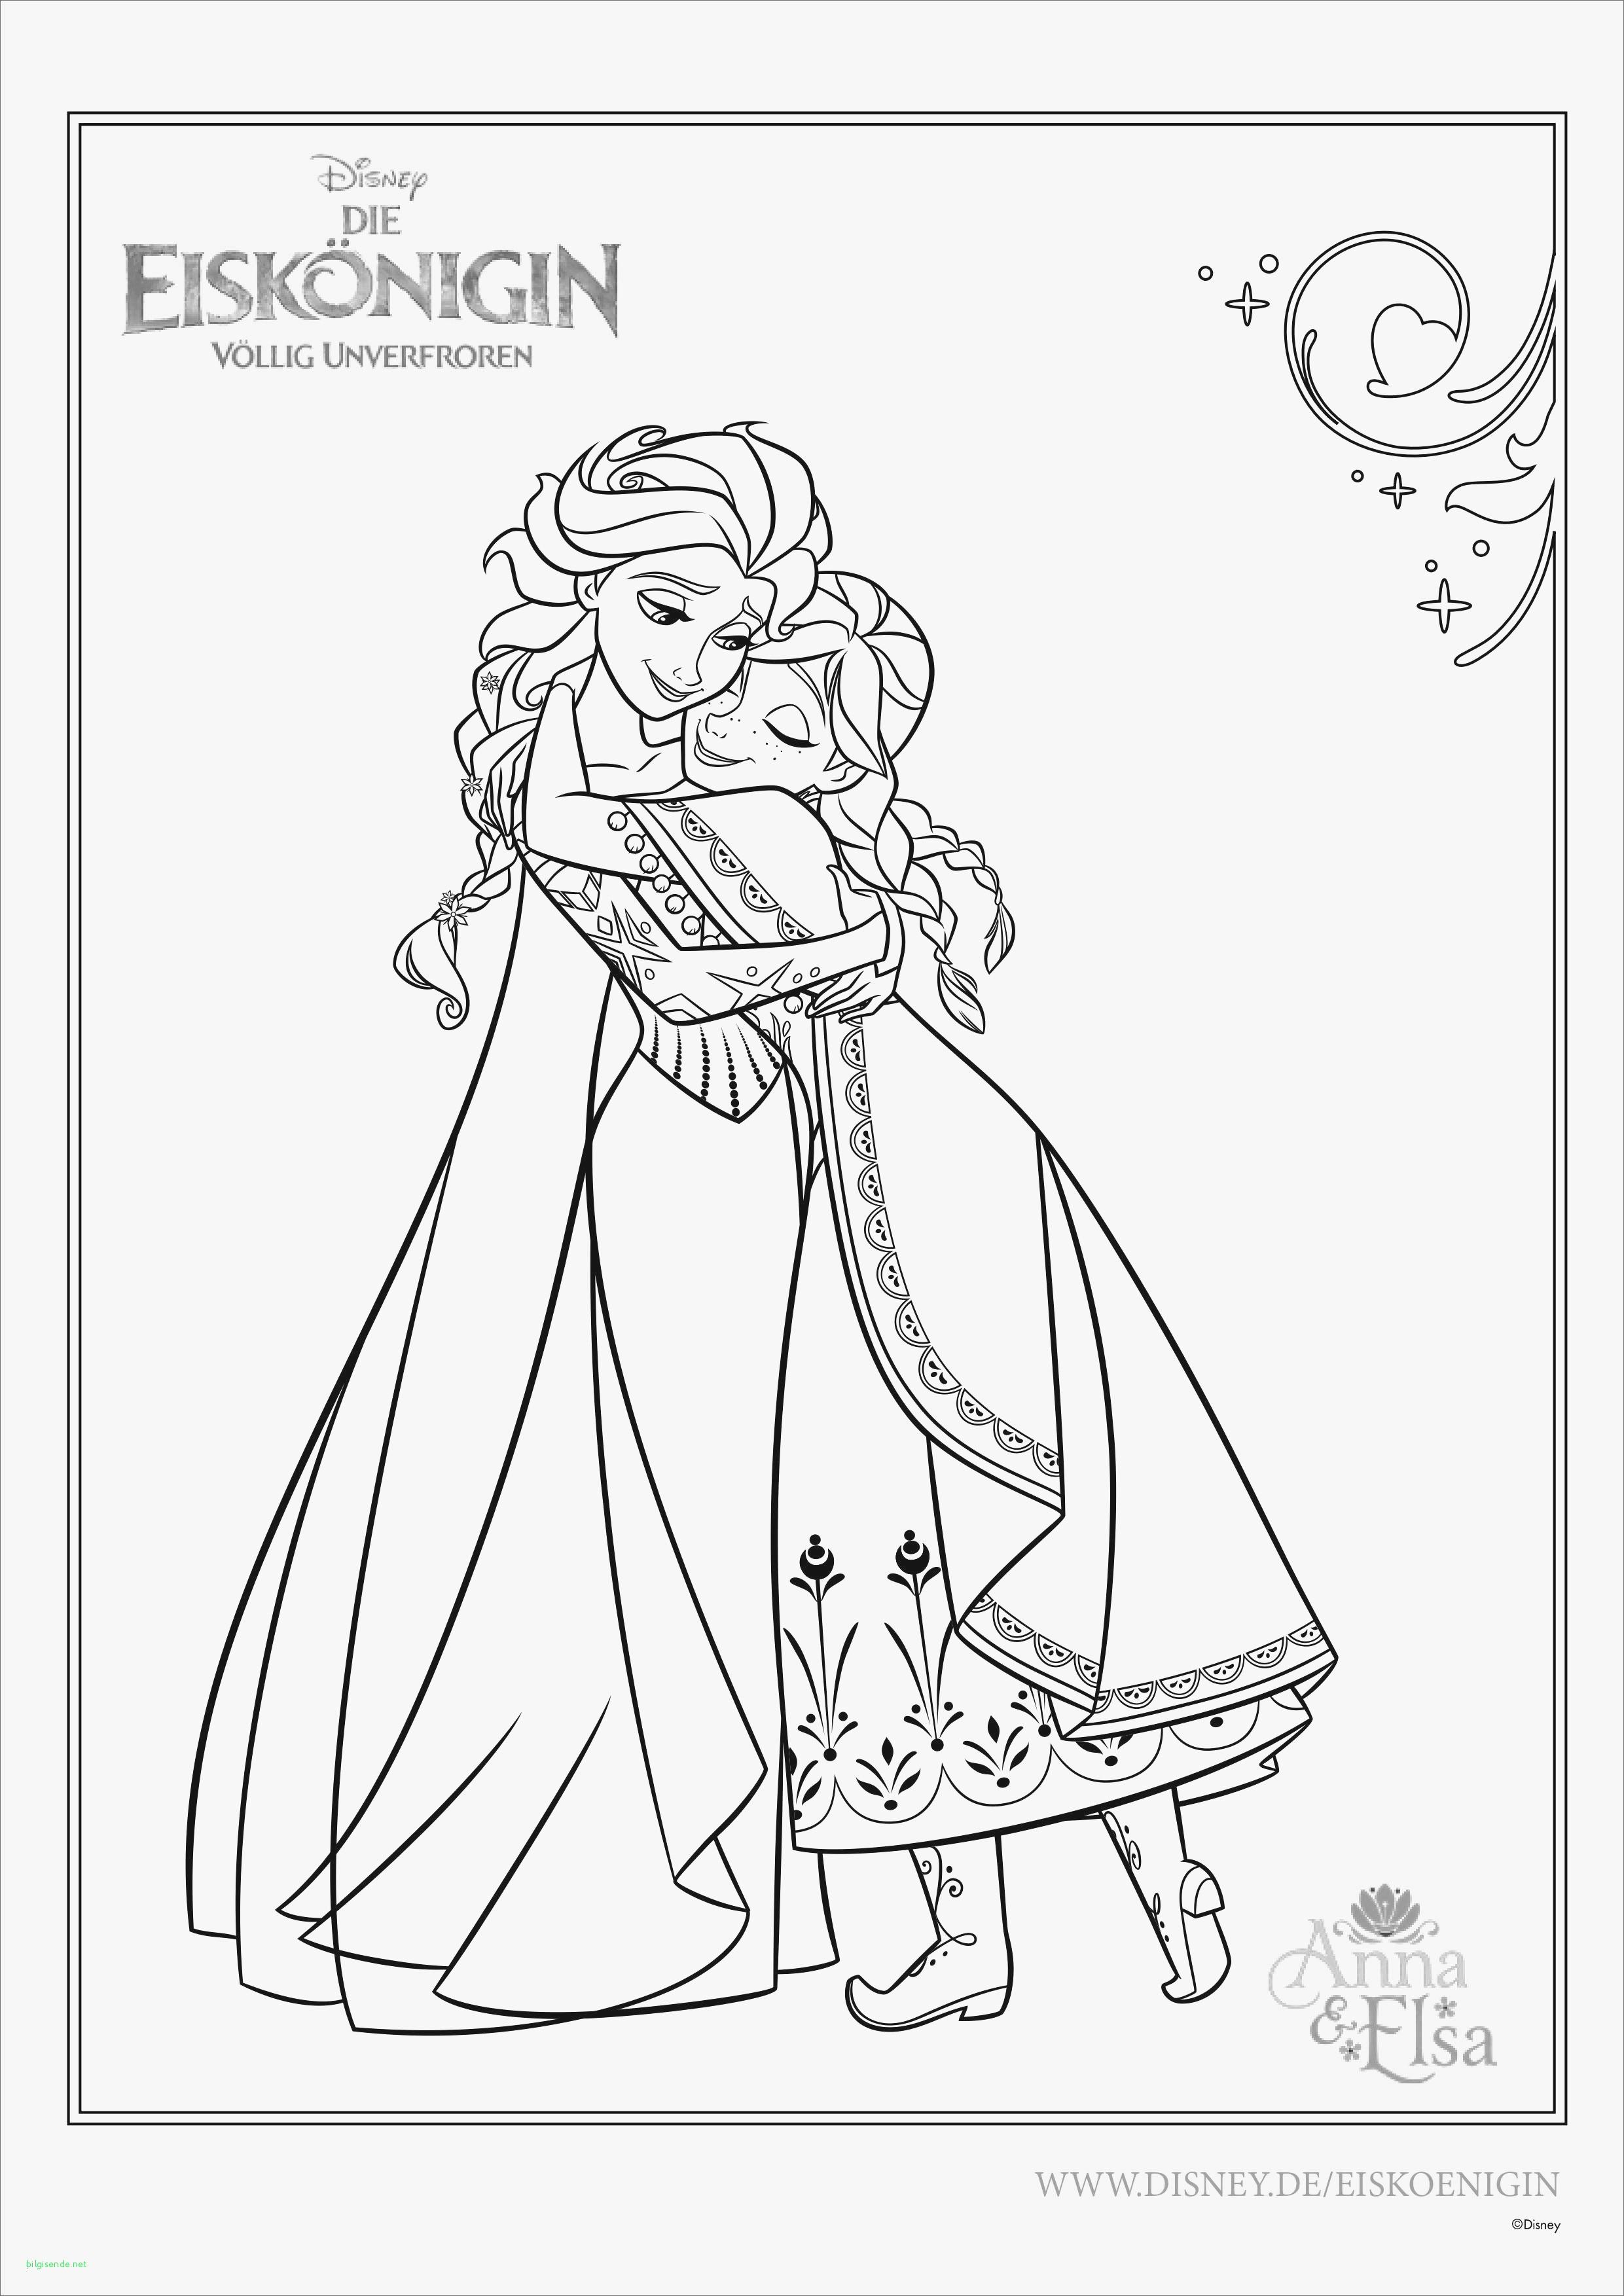 Anna Und Elsa Ausmalbild Neu 40 Frozen Elsa Malvorlagen Scoredatscore Neu Malvorlagen Anna Und Bilder